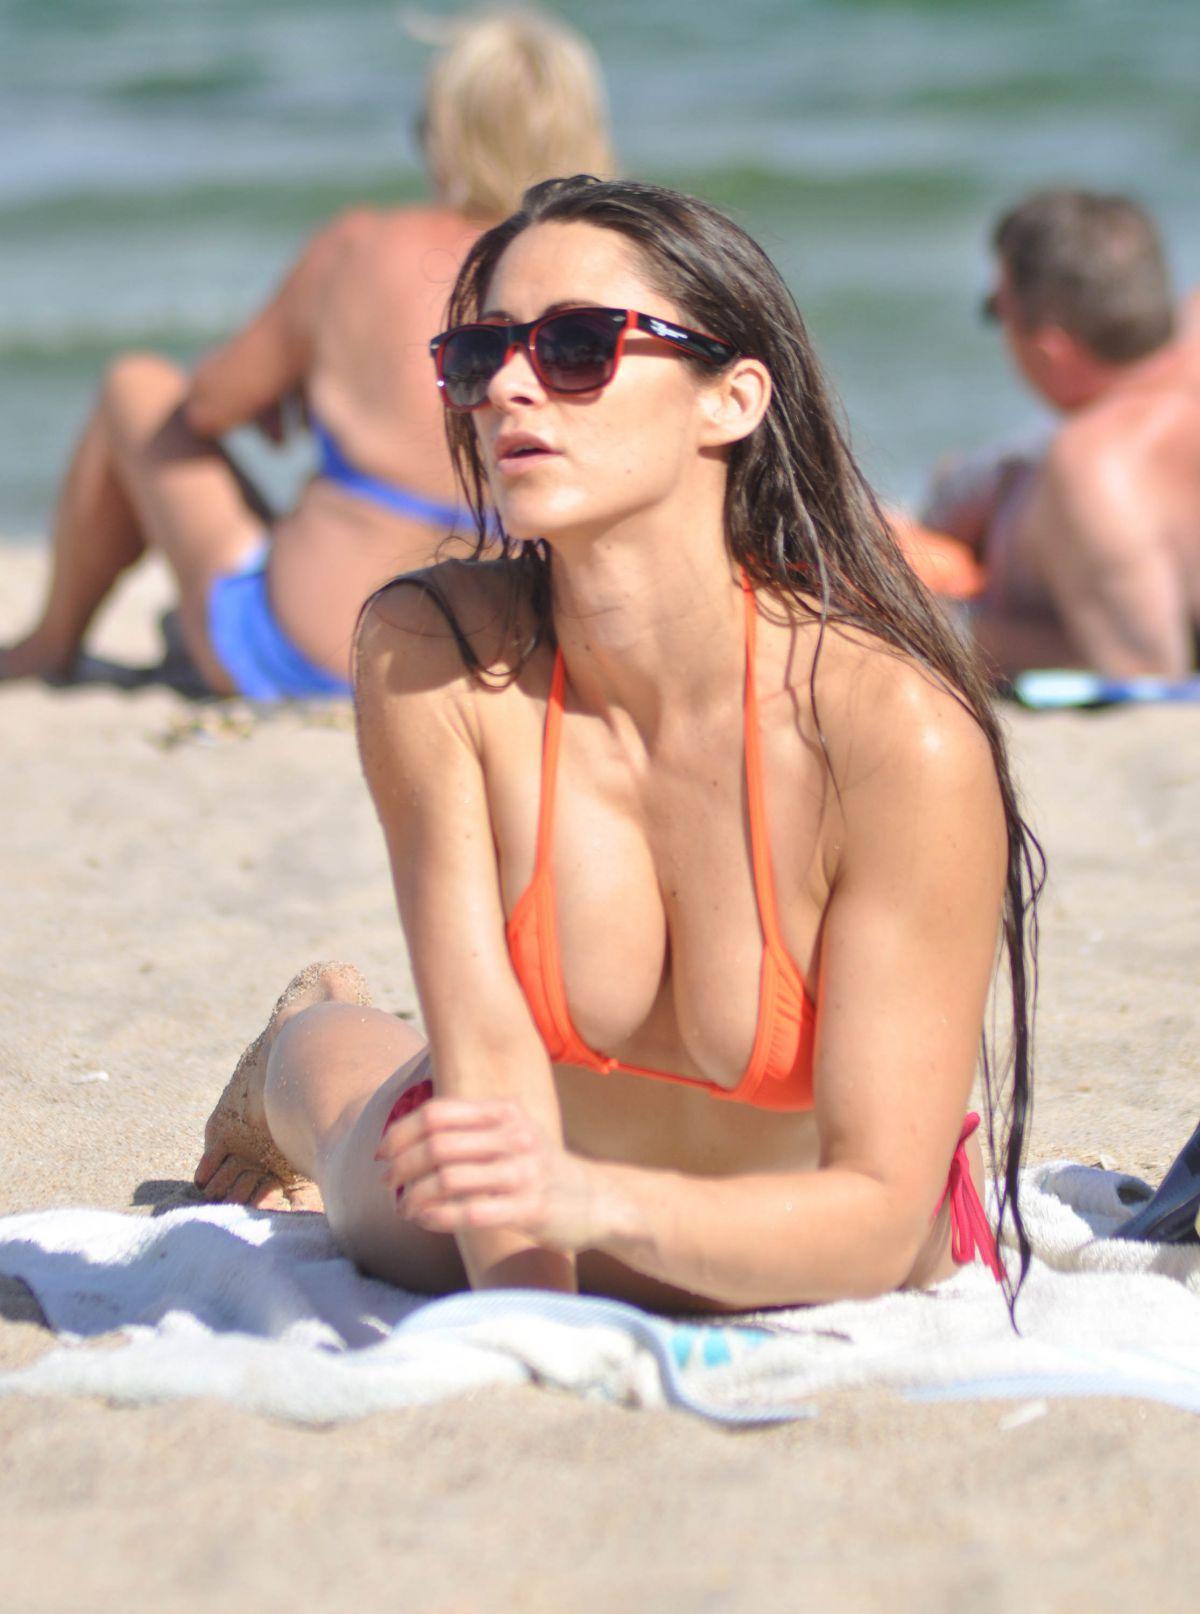 anais zanotti in bikini on the beach in miami  u2013 hawtcelebs